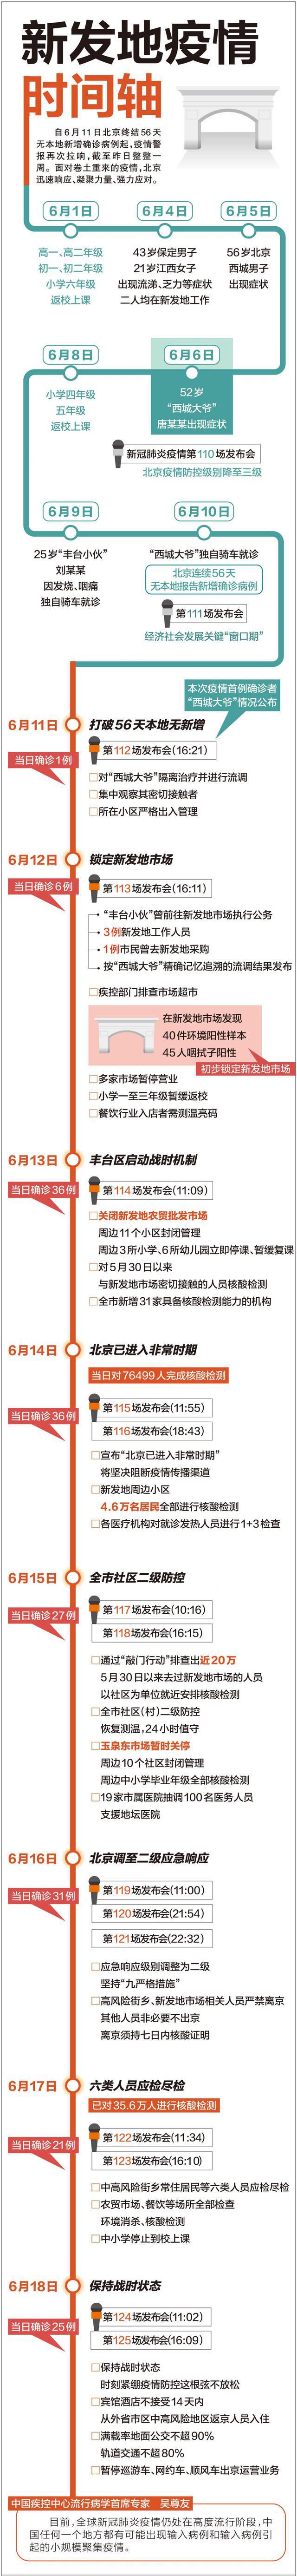 新发地疫情时间轴,北京新发地疫情,北京新发地